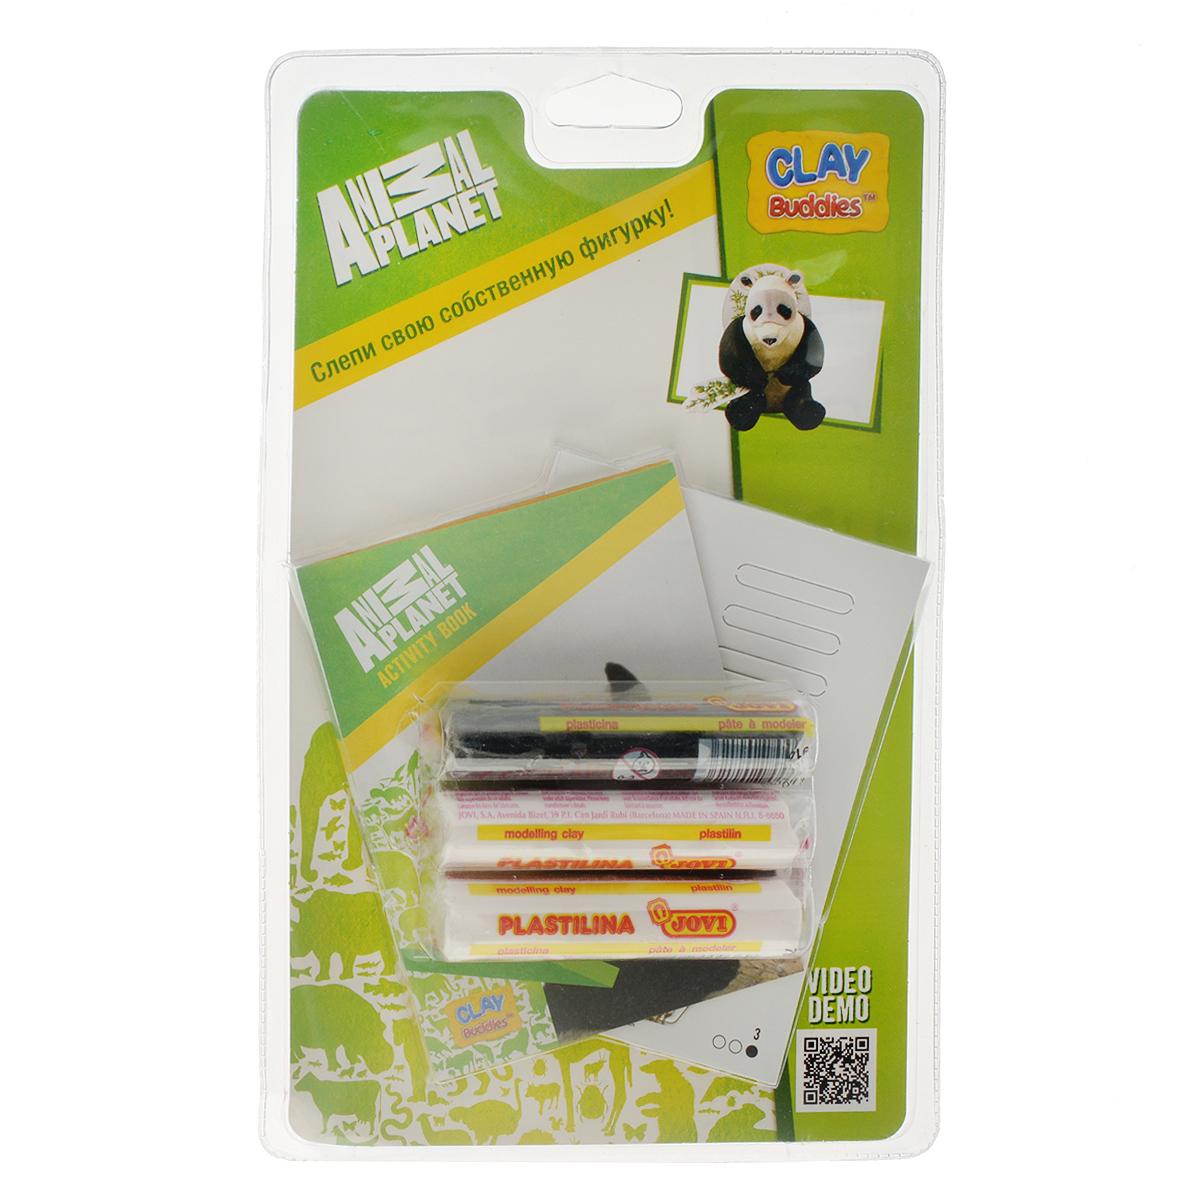 Giromax Набор для лепки Animal Planet. Панда306758_пандаНабор для лепки Giromax Animal Planet. Панда позволит вашему ребенку создать поделку в виде панды. Набор включает три бруска пластилина (один черного цвета, два других - белого), картонный лист с красочными элементами для оформления поделки, липучку для наклеивания элементов, а также брошюру с заданиями и инструкцией на русском языке. Работа с пластилином для лепки подарит вашему ребенку положительные эмоции, а также поможет развить мелкую моторику рук, внимательность и усидчивость.